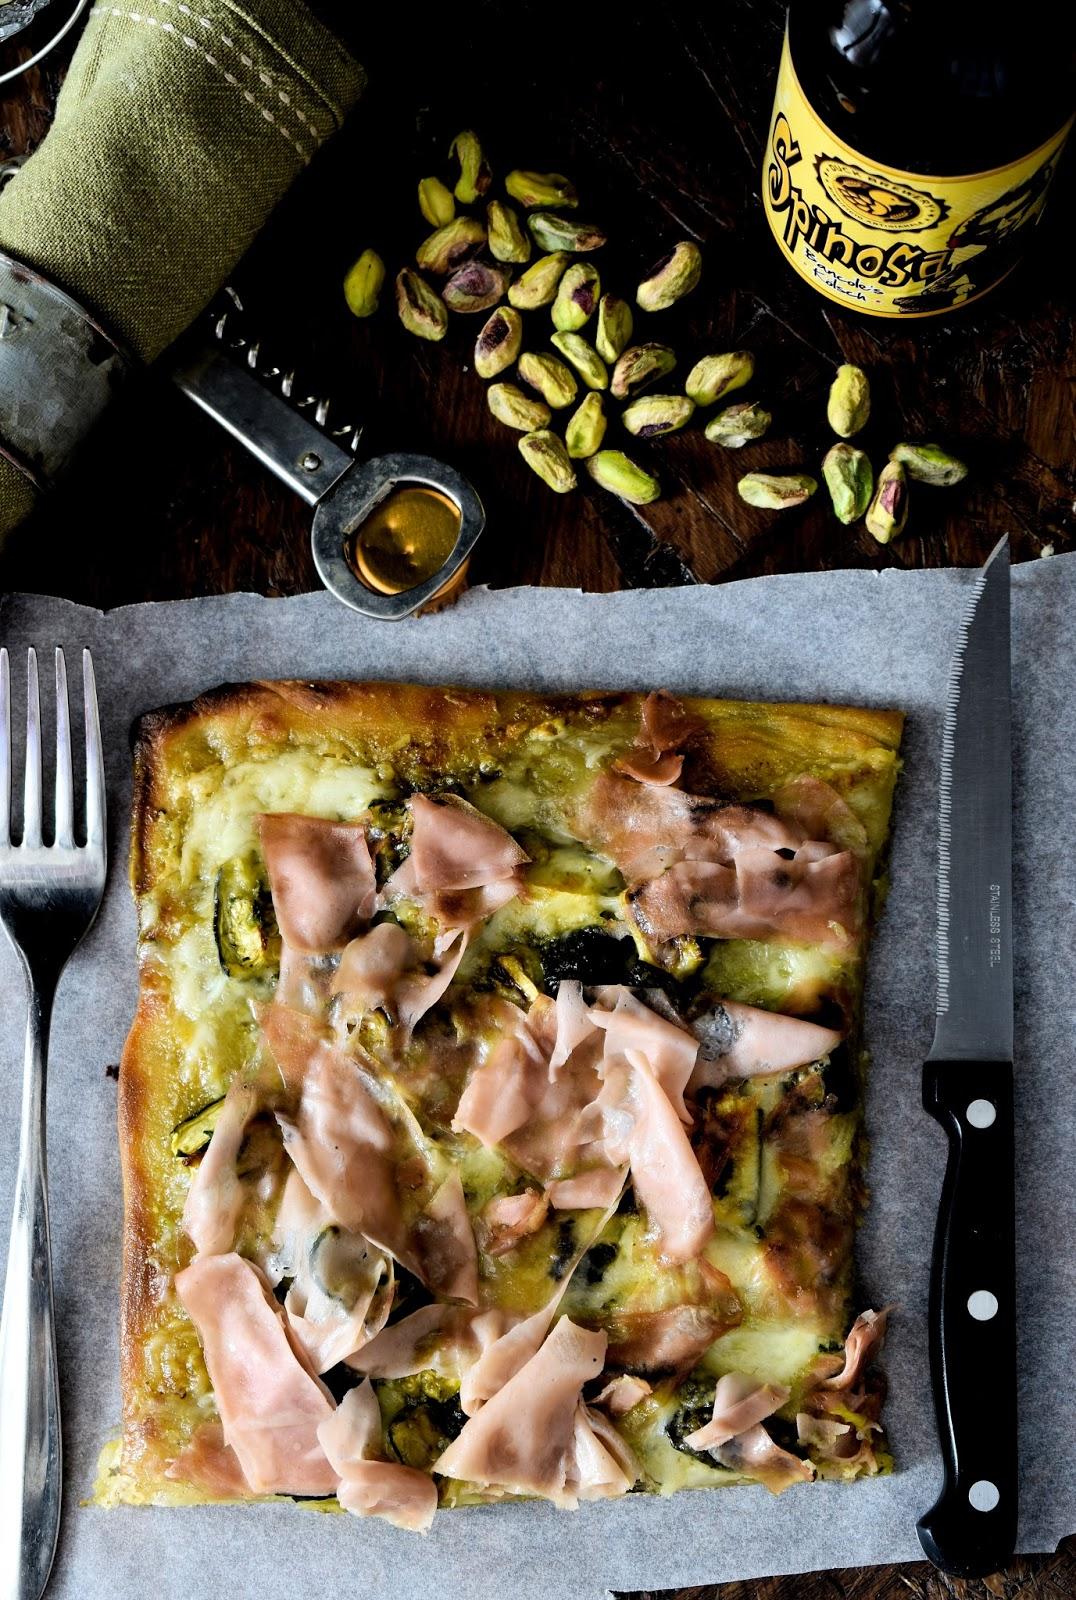 Pizza con pesto di pistacchio, Mortadella, provolone dolce e zucchine arrostite